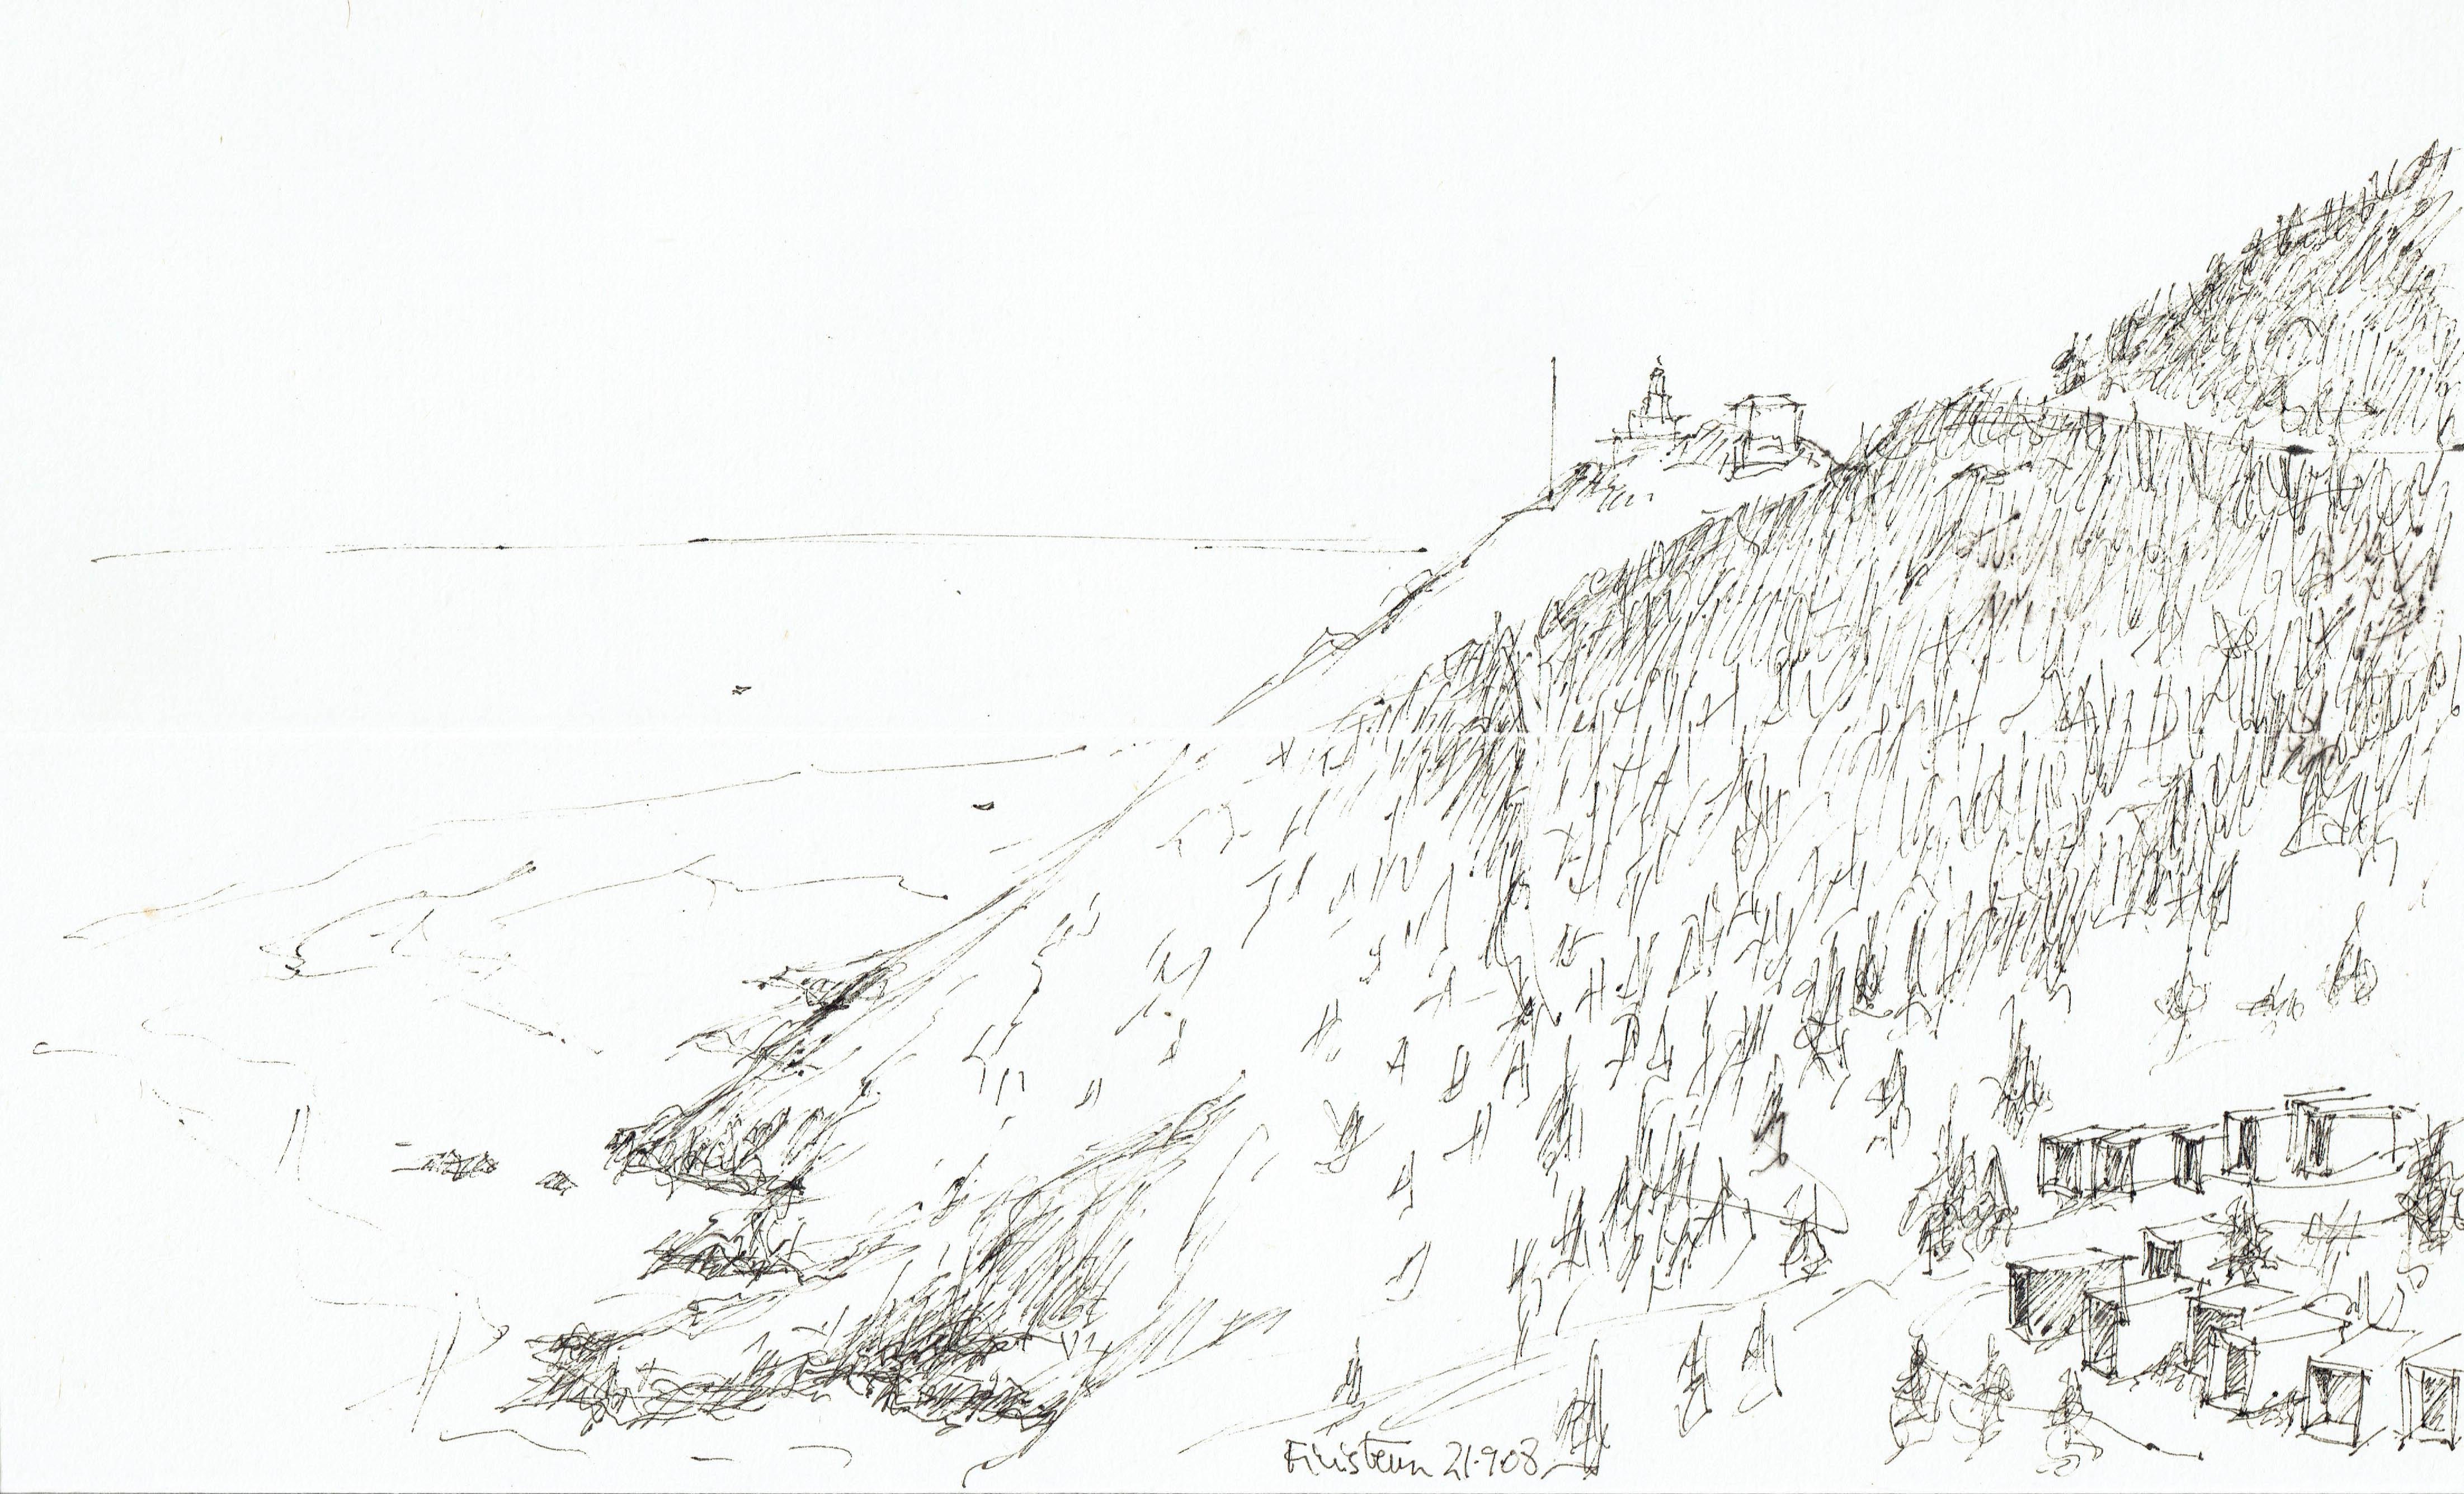 CAMINO FINISTERRE 2008